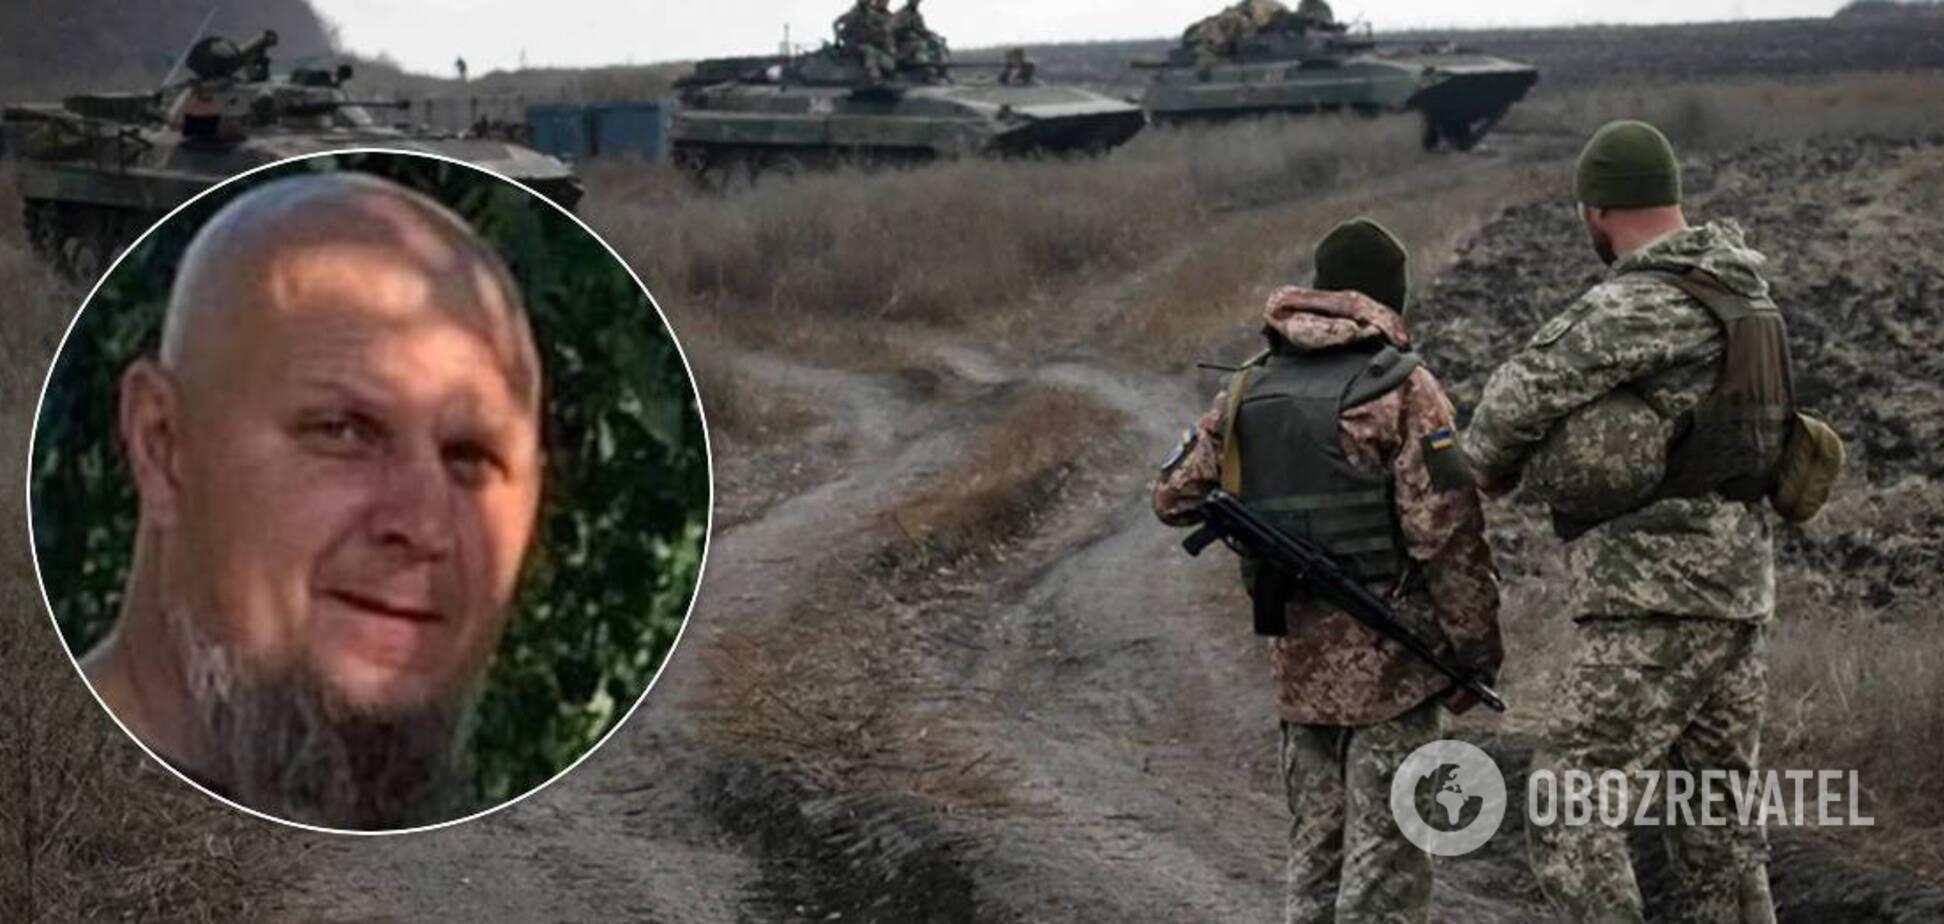 Брав в полон росіян і був прикладом: чим запам'ятався загиблий під Зайцевим командир 'Мир'